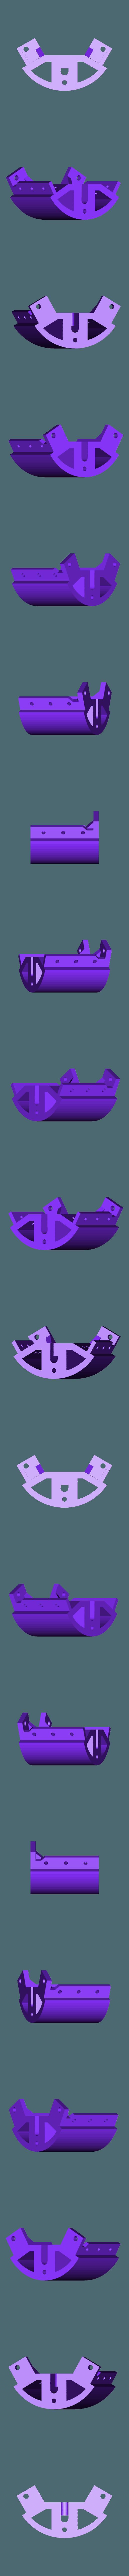 kossel_base_stand_01.stl Télécharger fichier STL gratuit Stand de base de Kossel • Plan pour impression 3D, peaberry